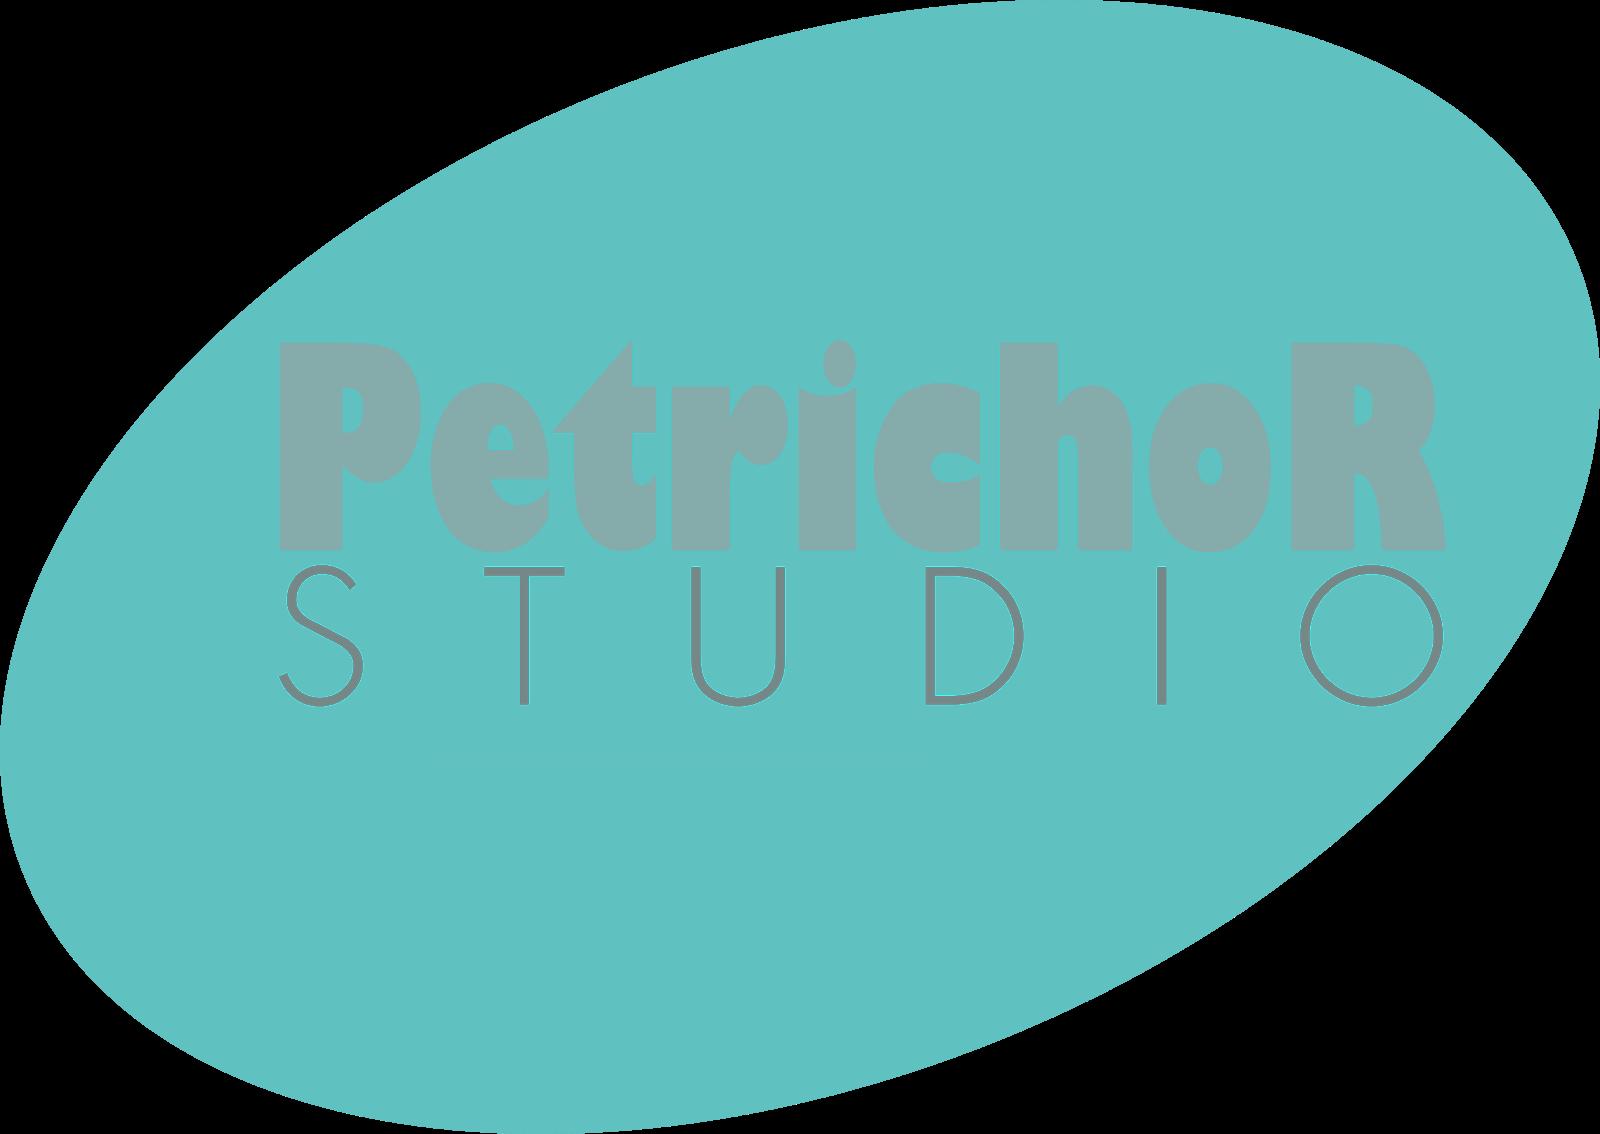 Petrichor Studio